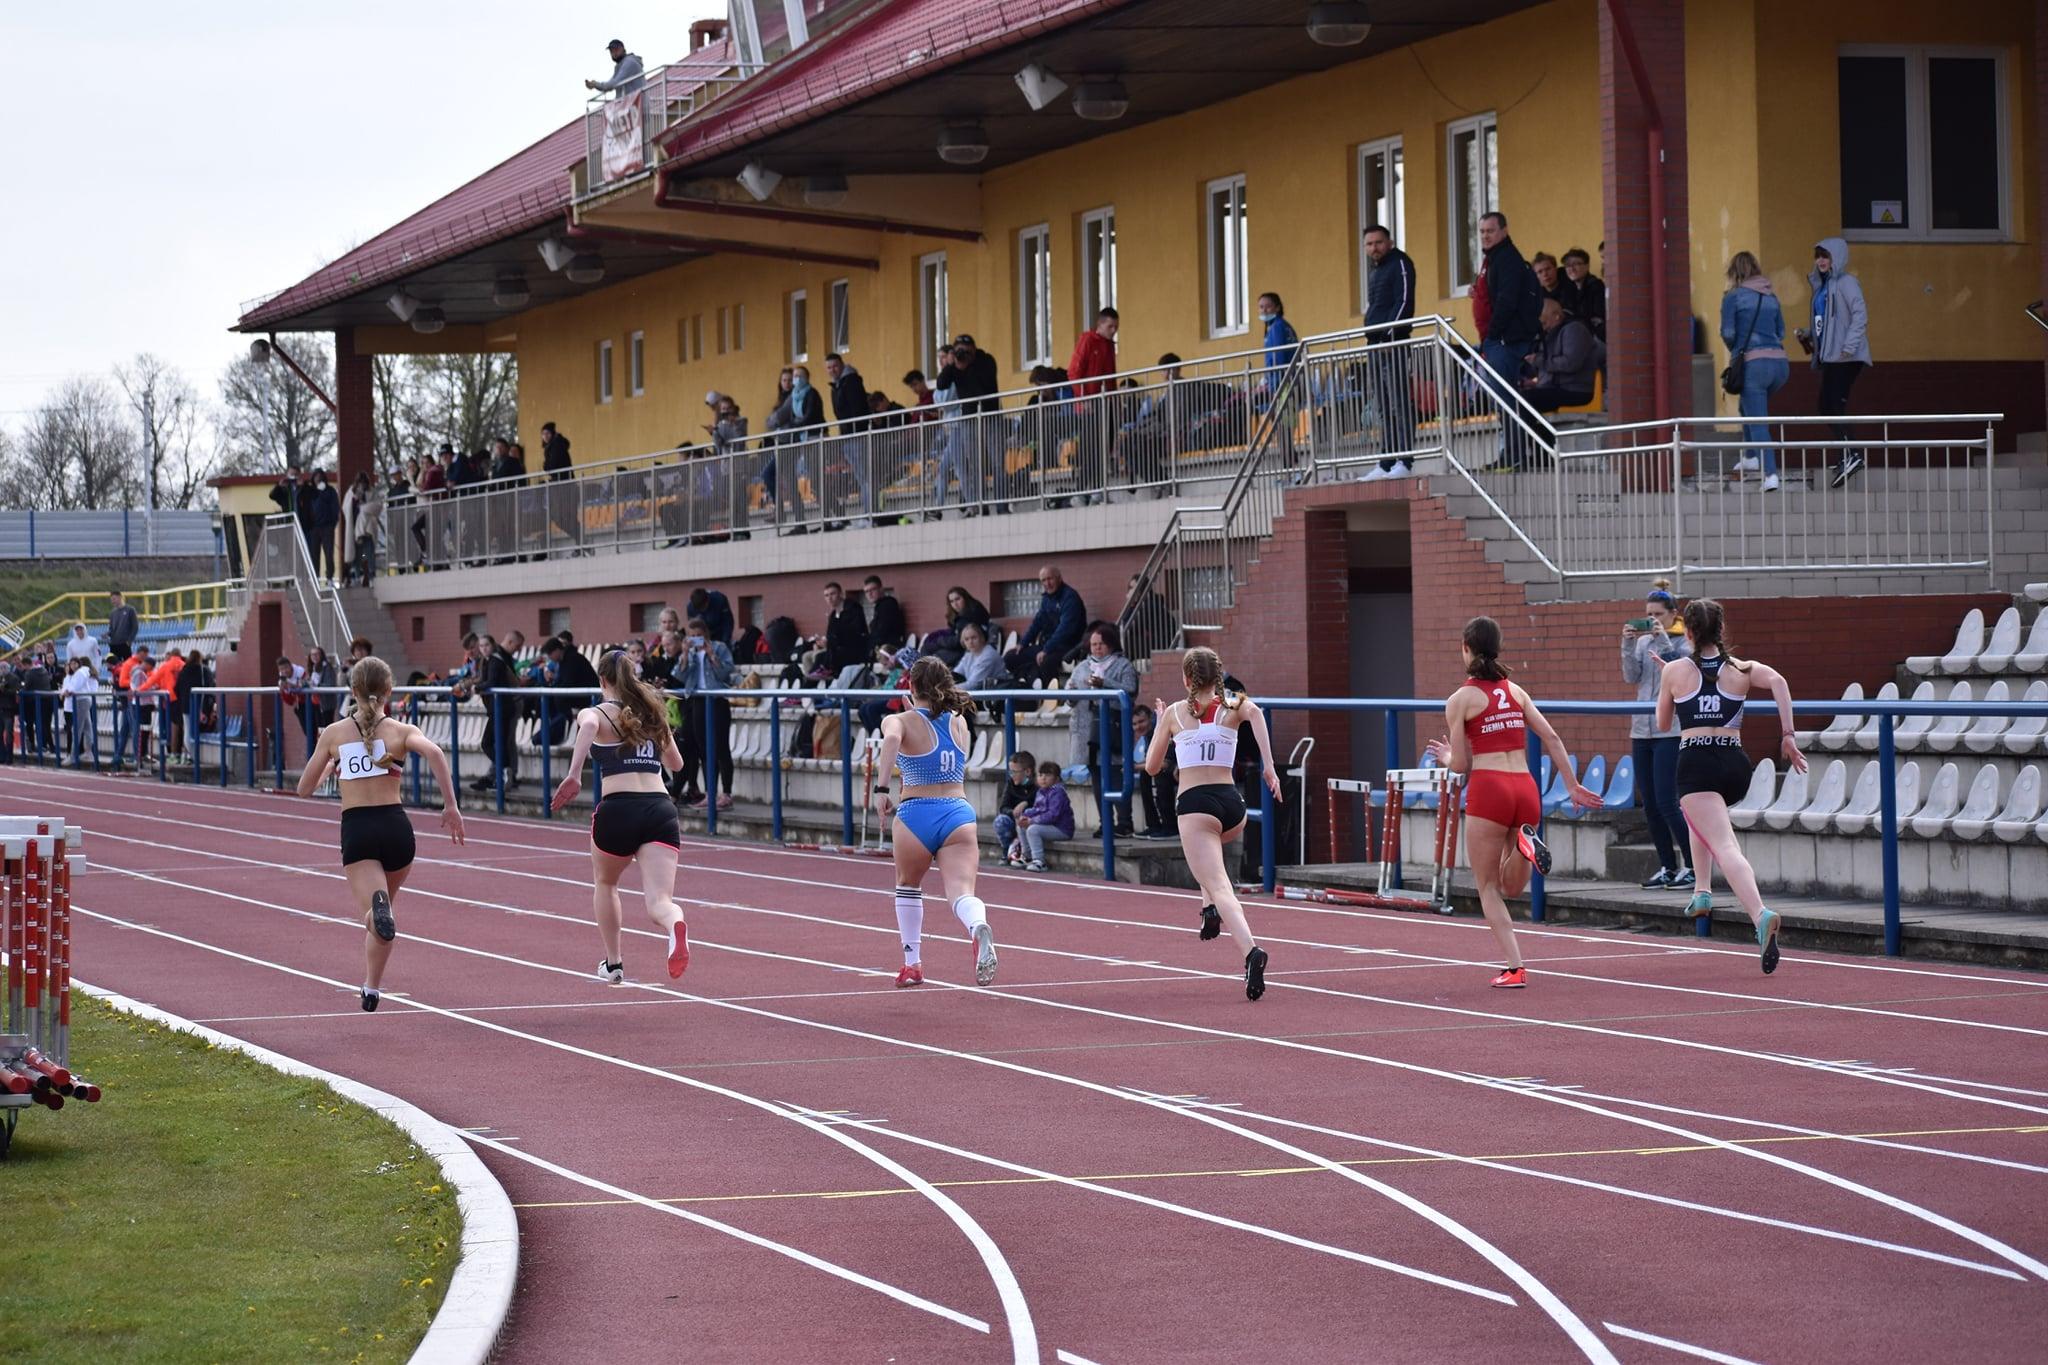 Międzywojewódzkie Mistrzostwa Młodzików w Lekkiej Atletyce U16